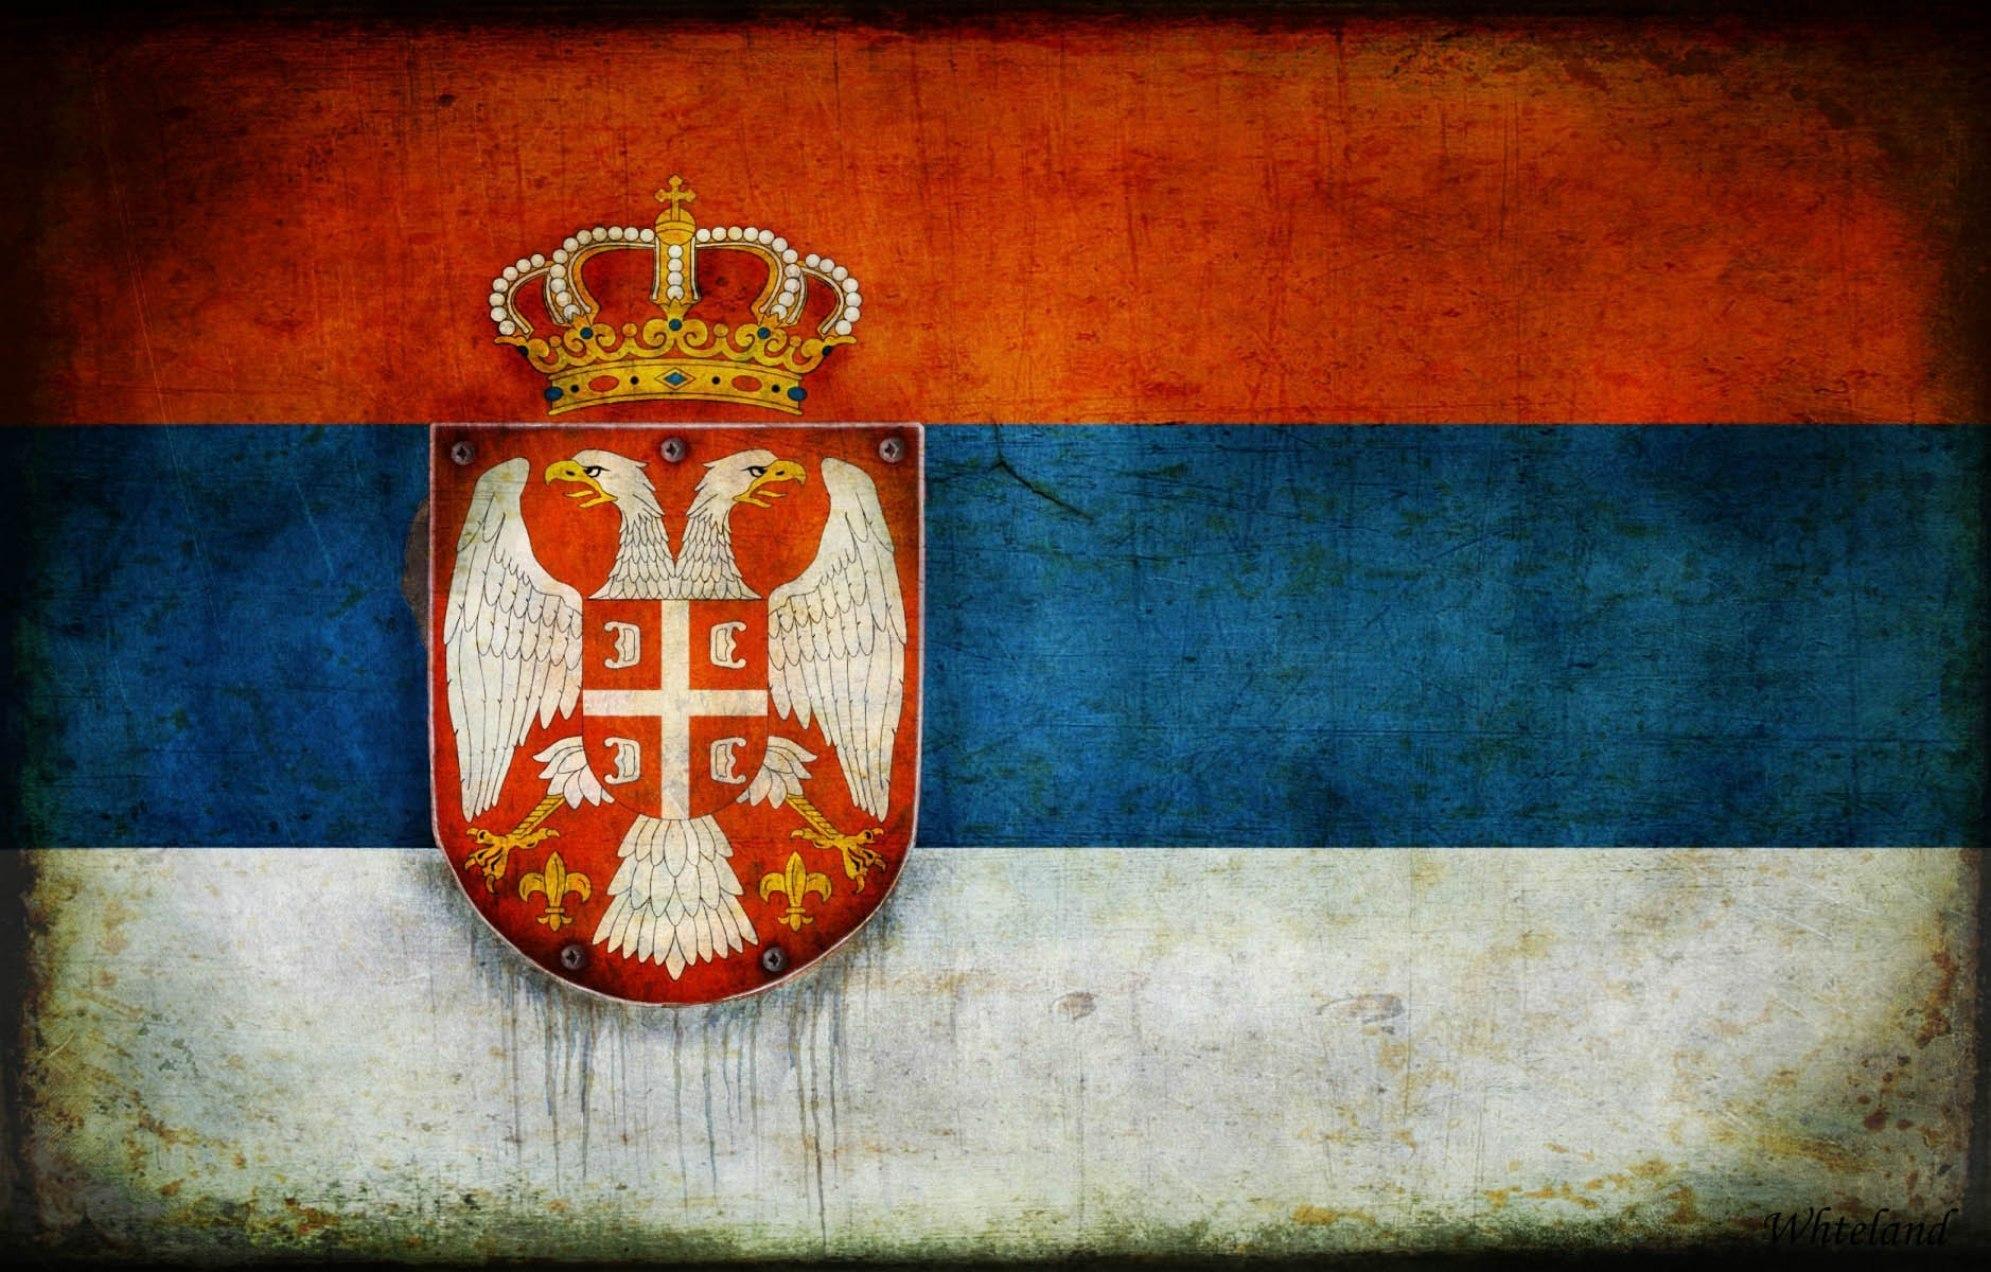 А. Миллер и А. Антич обсудили перспективы развития газотранспортной системы Сербии. Вопросы есть